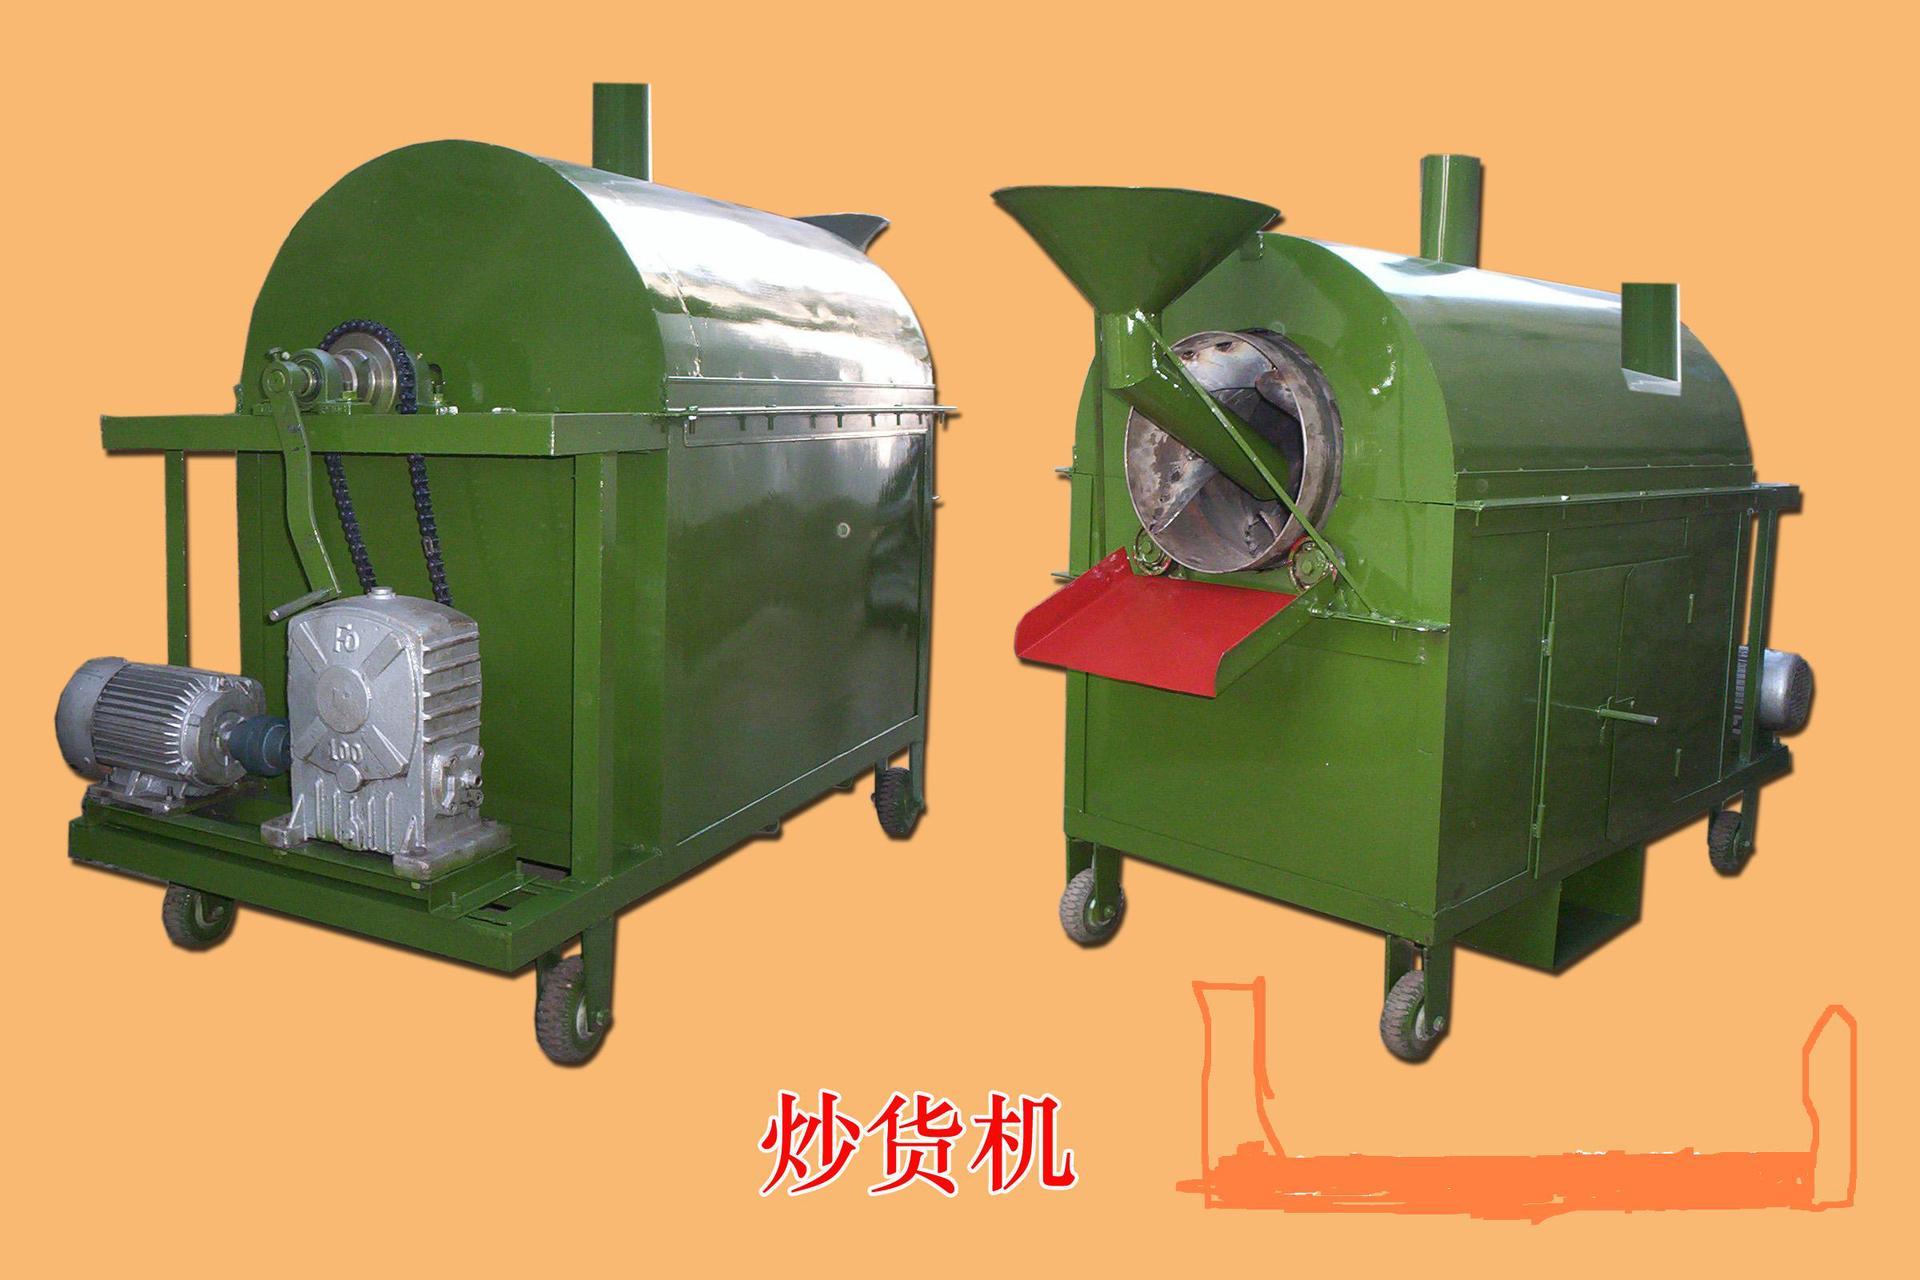 板栗炒货机 干果炒货机 燃气炒货机电热炒货机